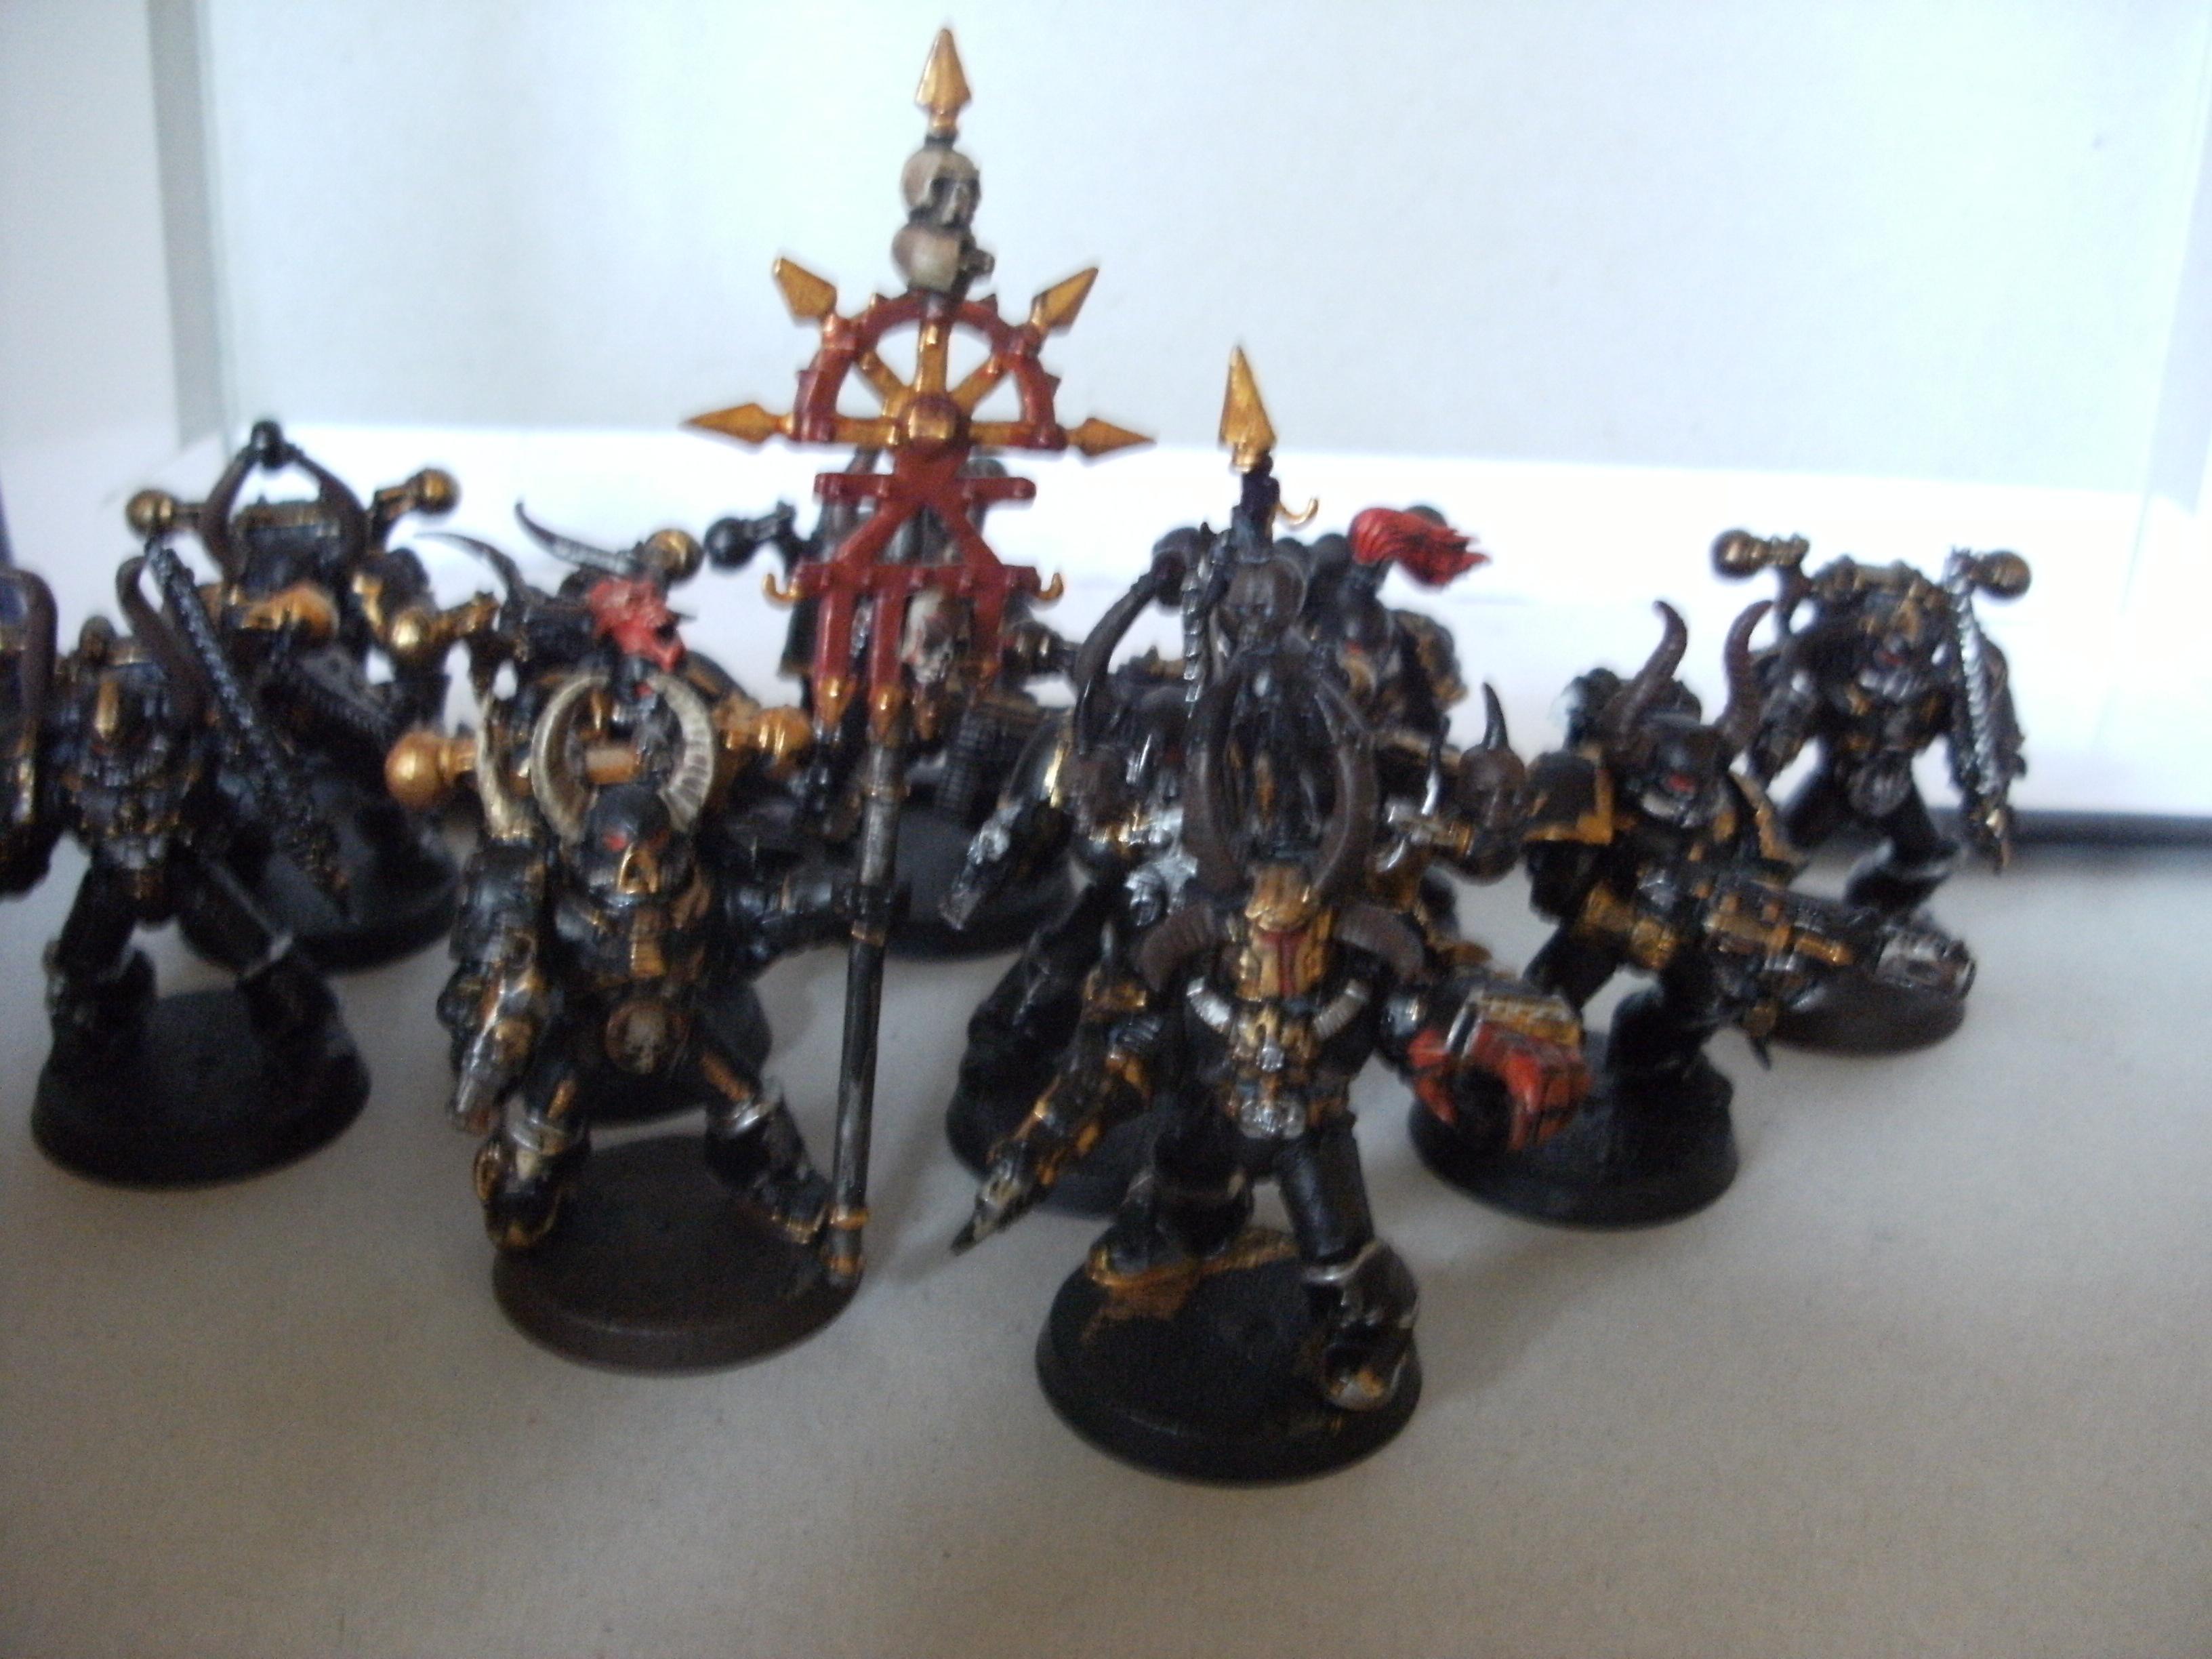 Army, Chaos Marine Chain Sword Gun Bolt, Chaos Space Marines, Group